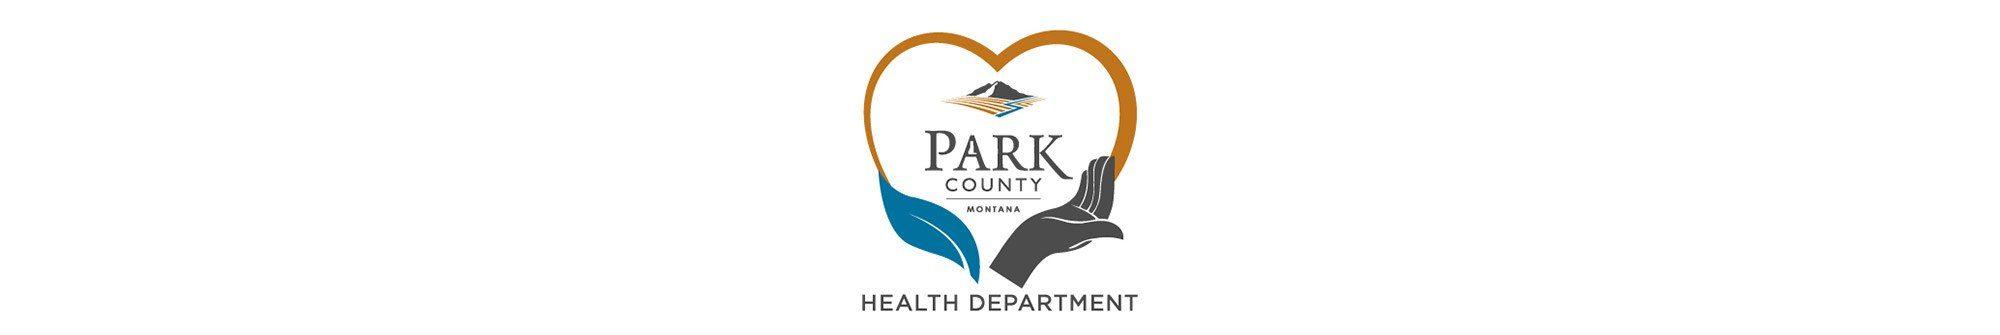 Park county health